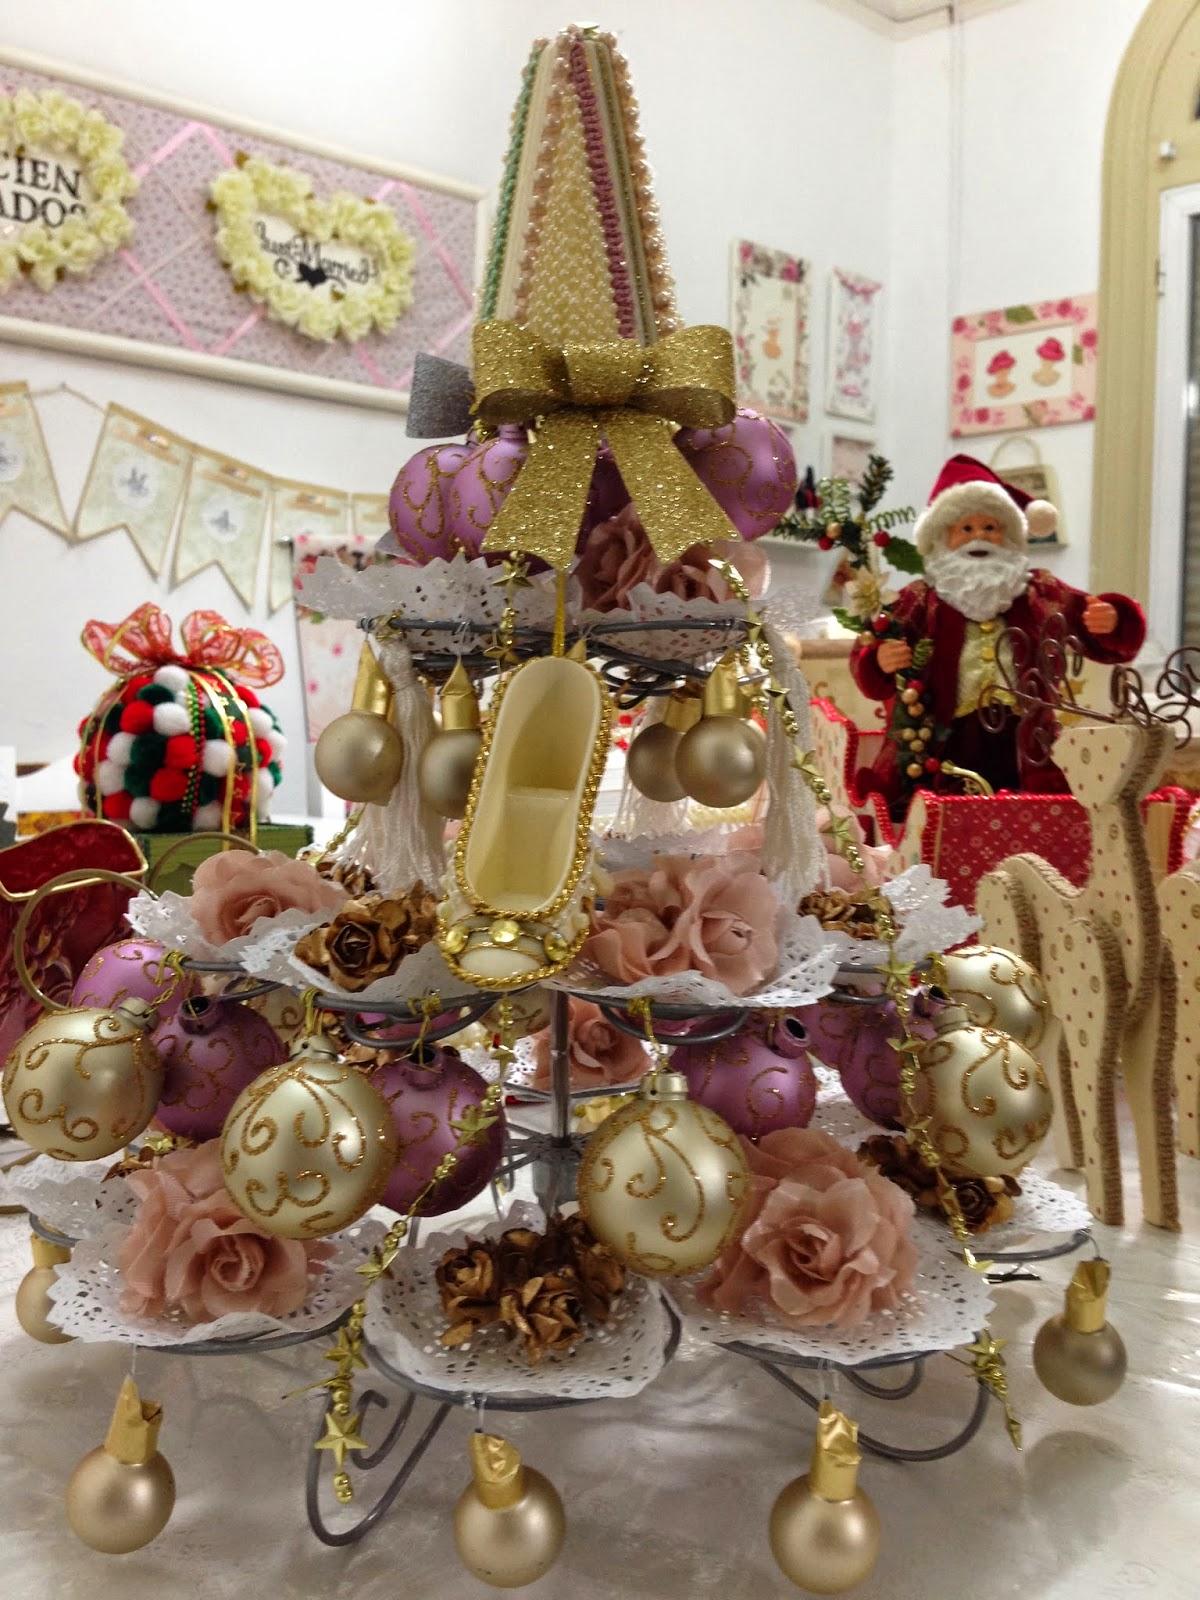 Shabby chic decoracion navidad - Navidad shabby chic ...